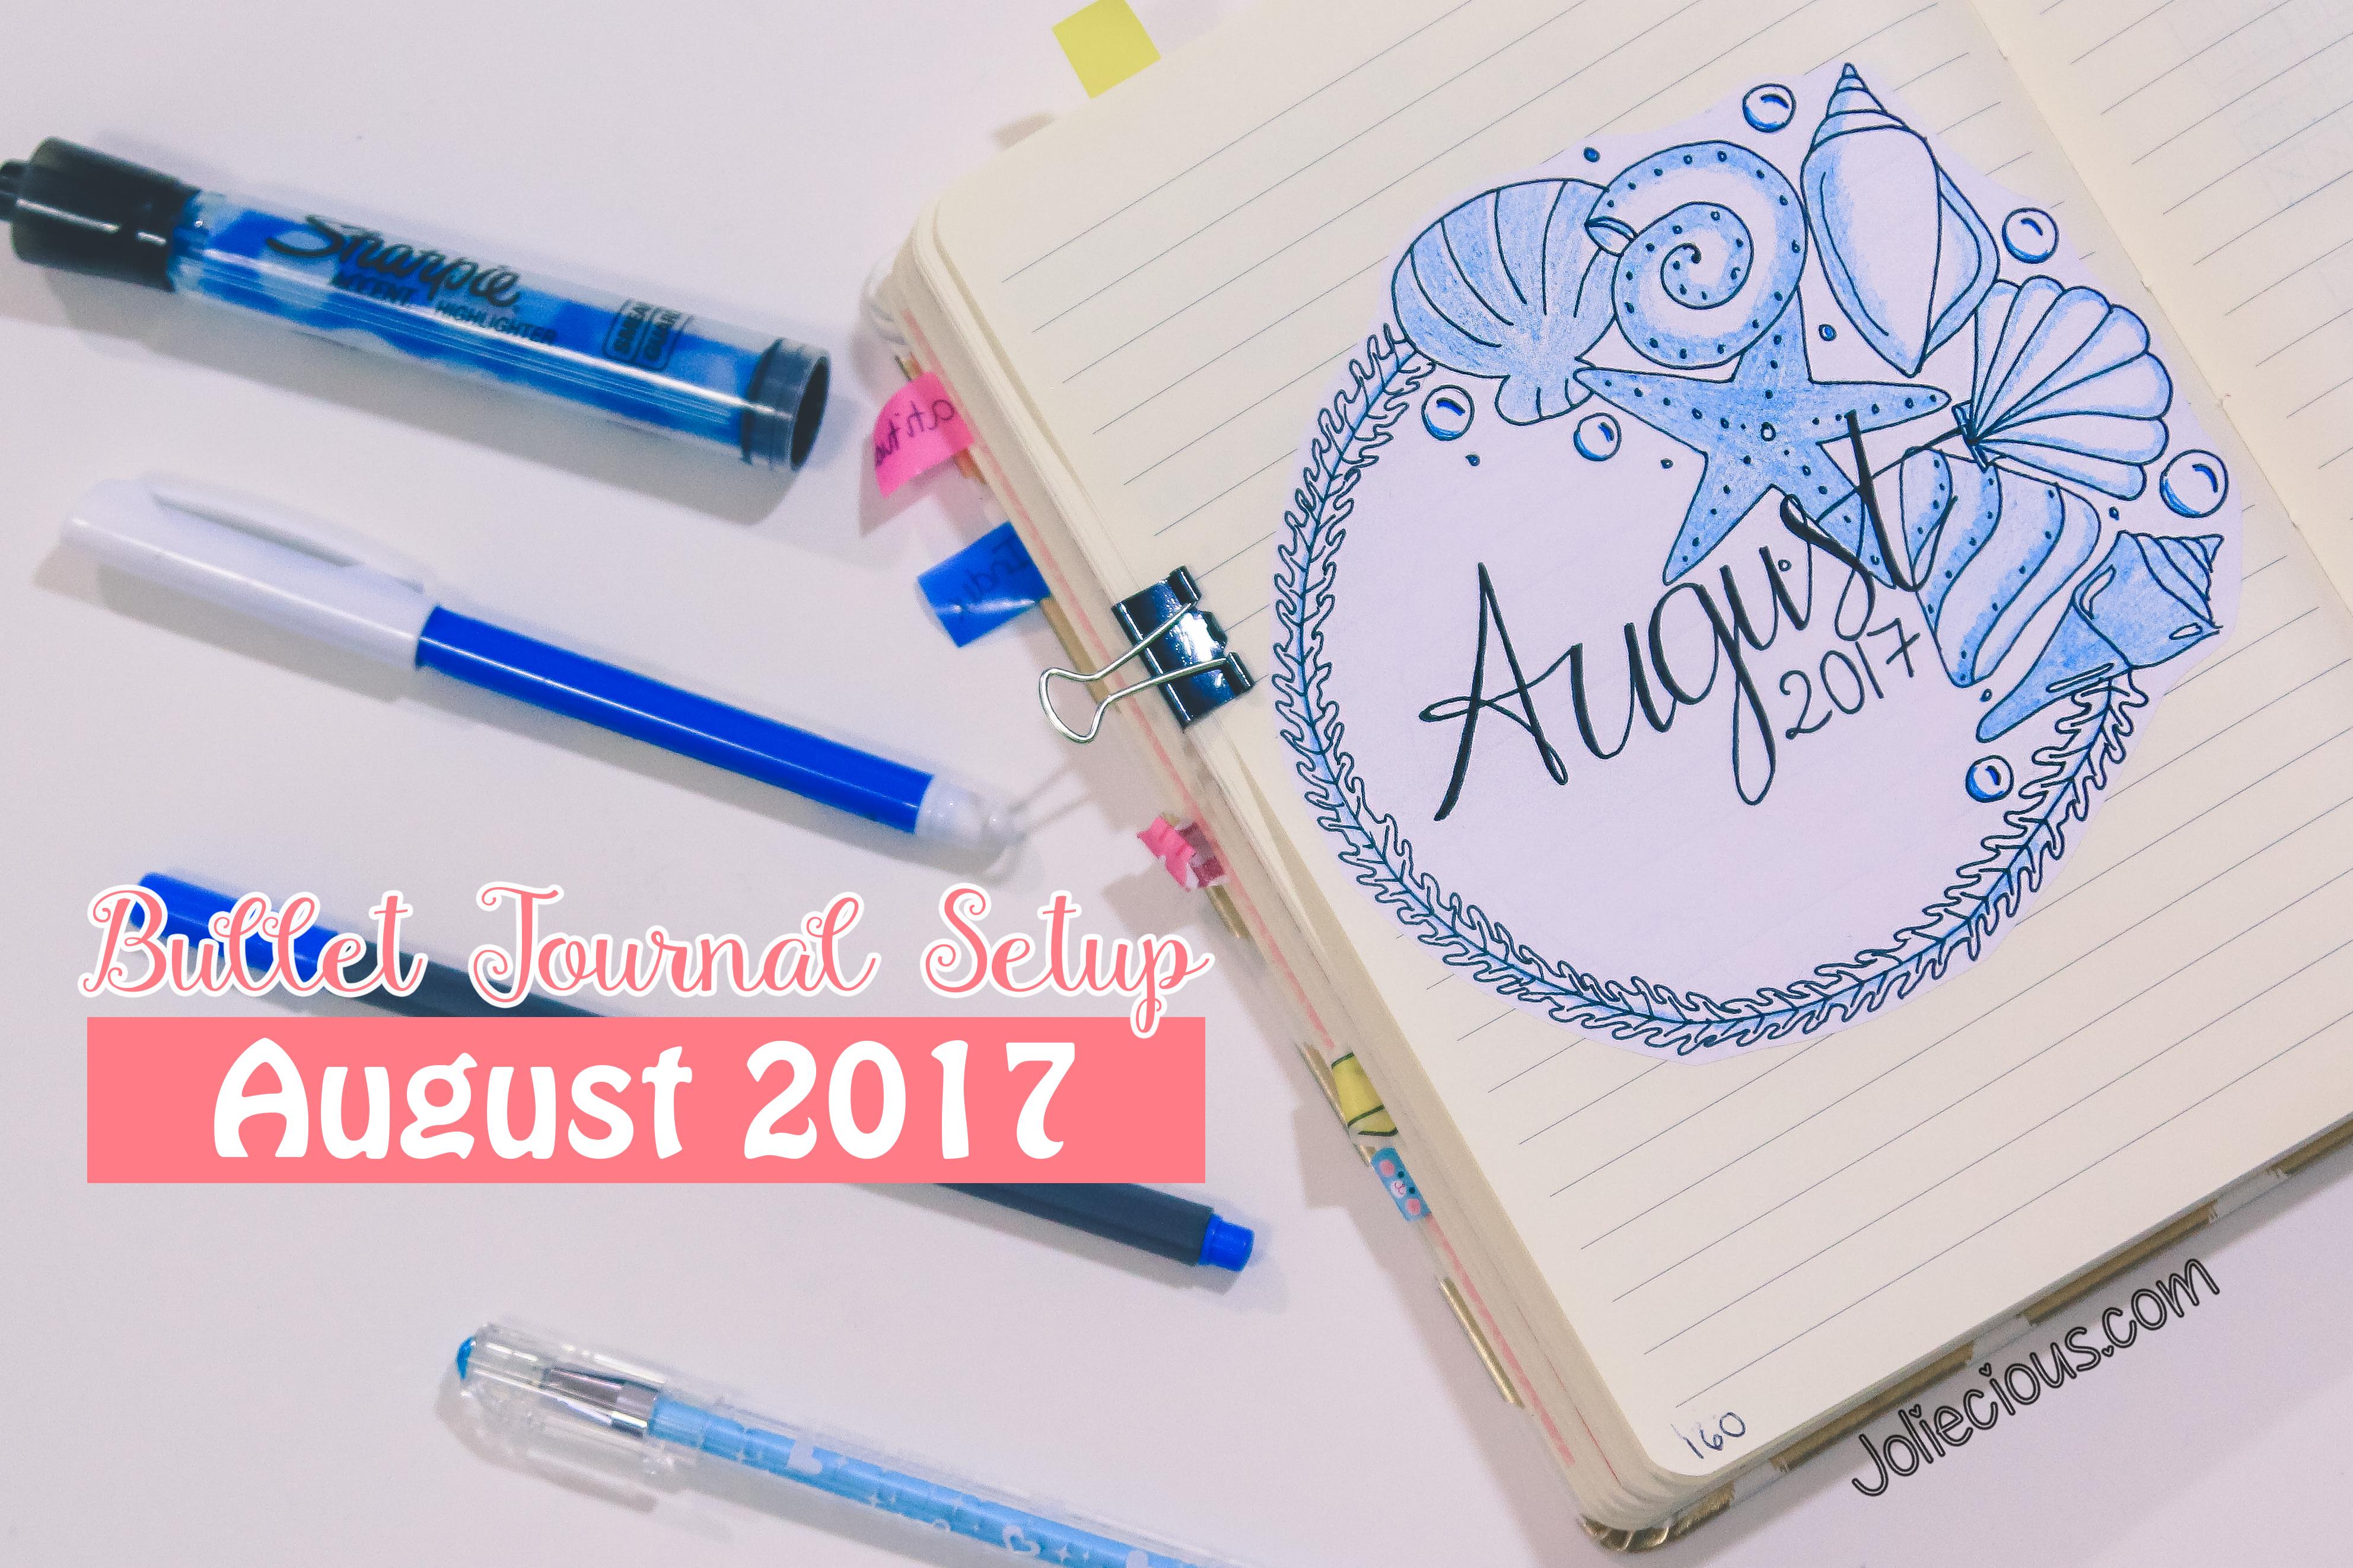 bullet journal setup august 2017